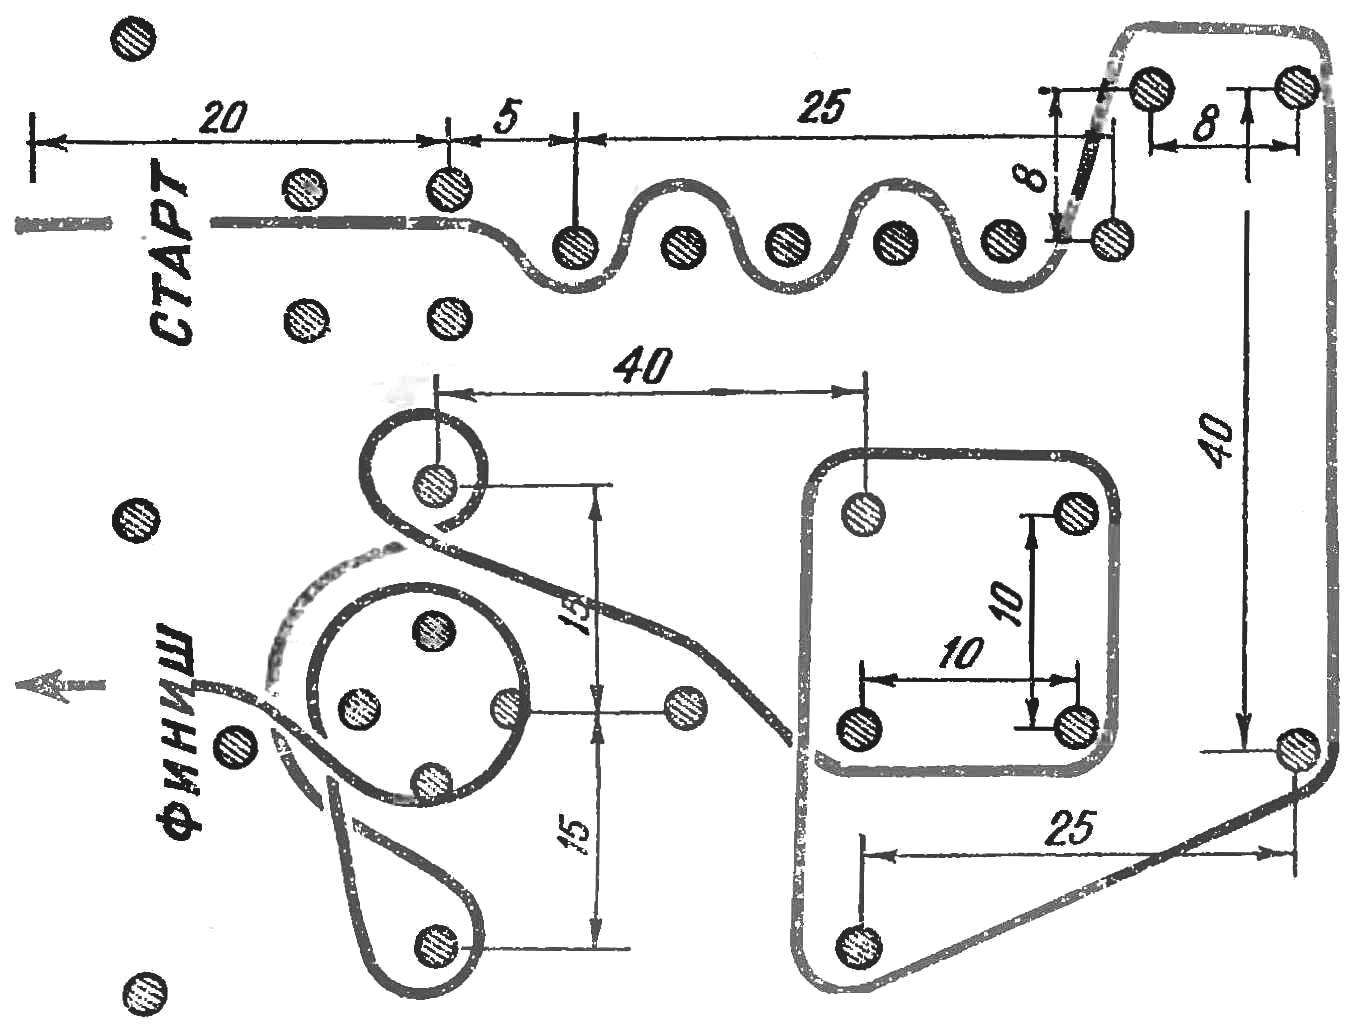 Рис. 2. Примерная трасса для соревнований по фигурному вождению (размеры — в метрах).